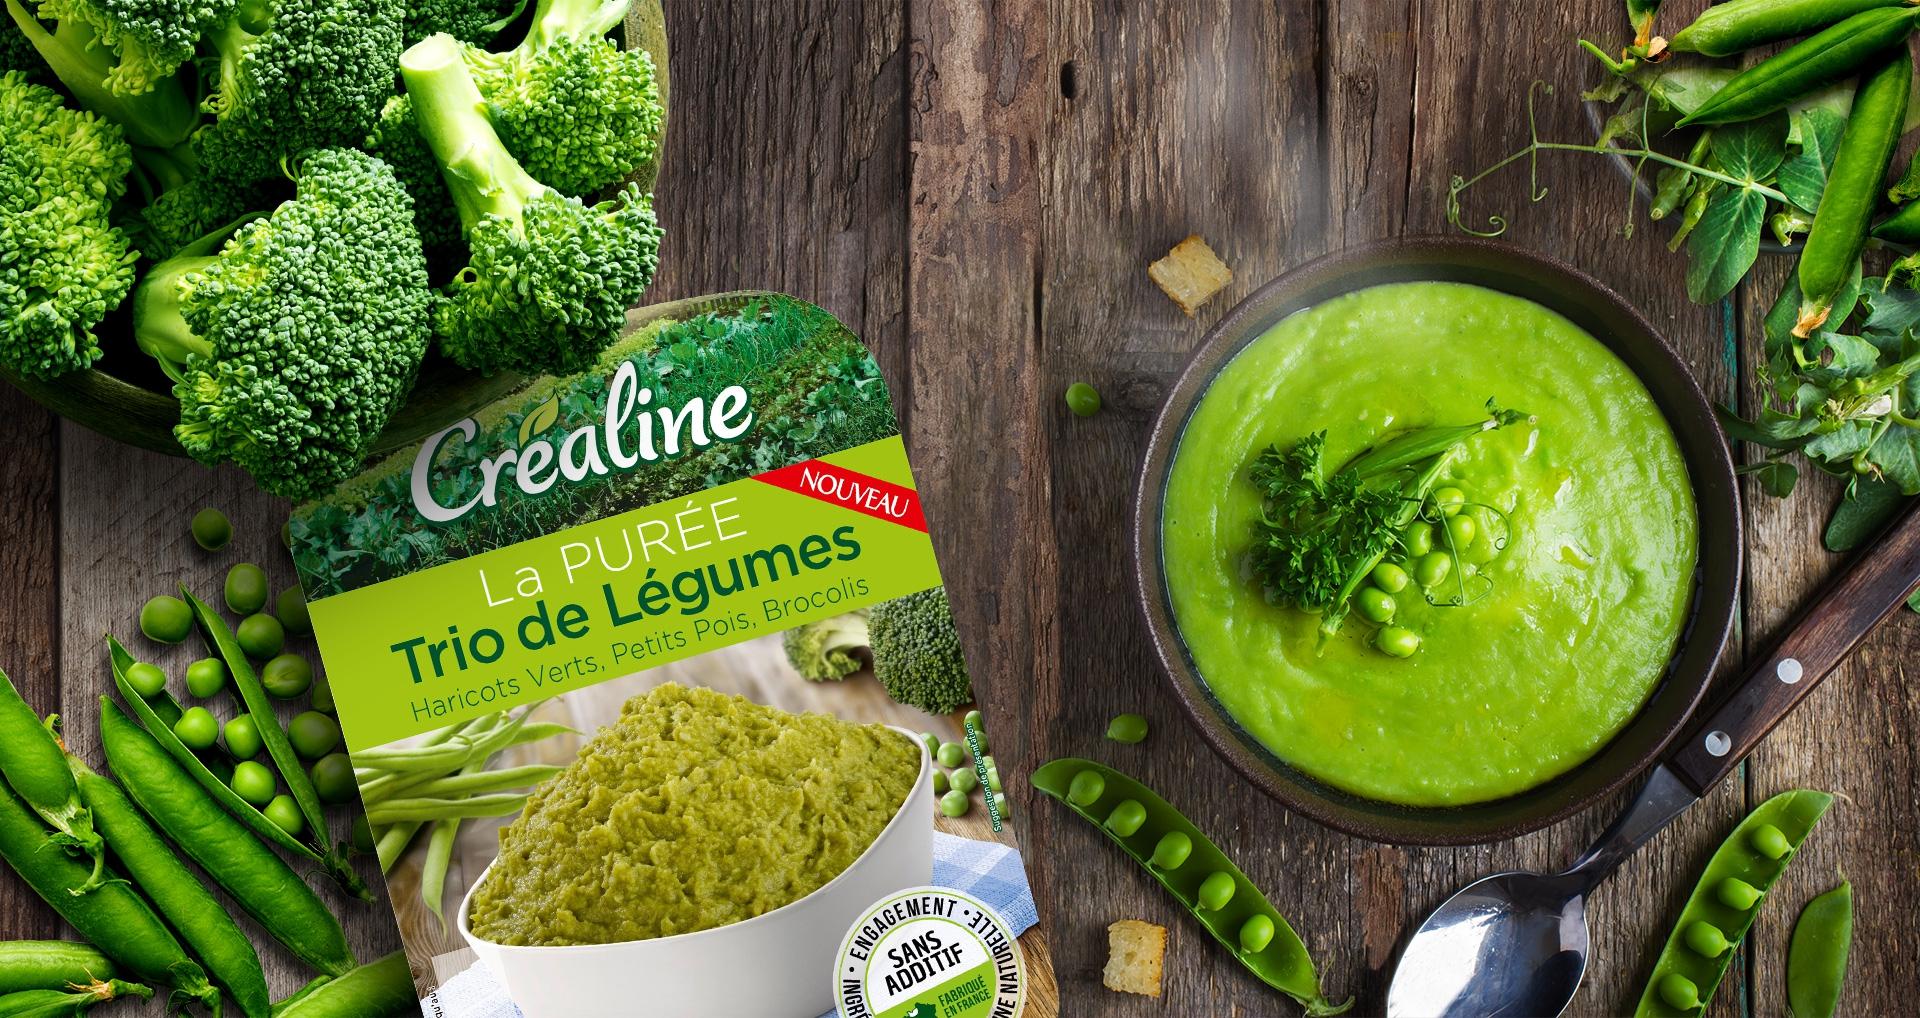 La purée trio de légumes Créaline : haricots verts, petits pois, brocolis